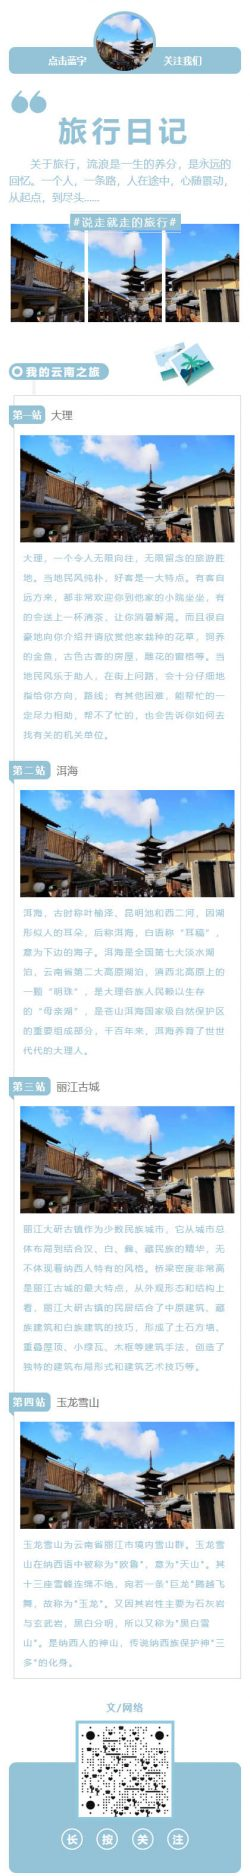 旅行日记清新简约风格模板微信公众号推广素材